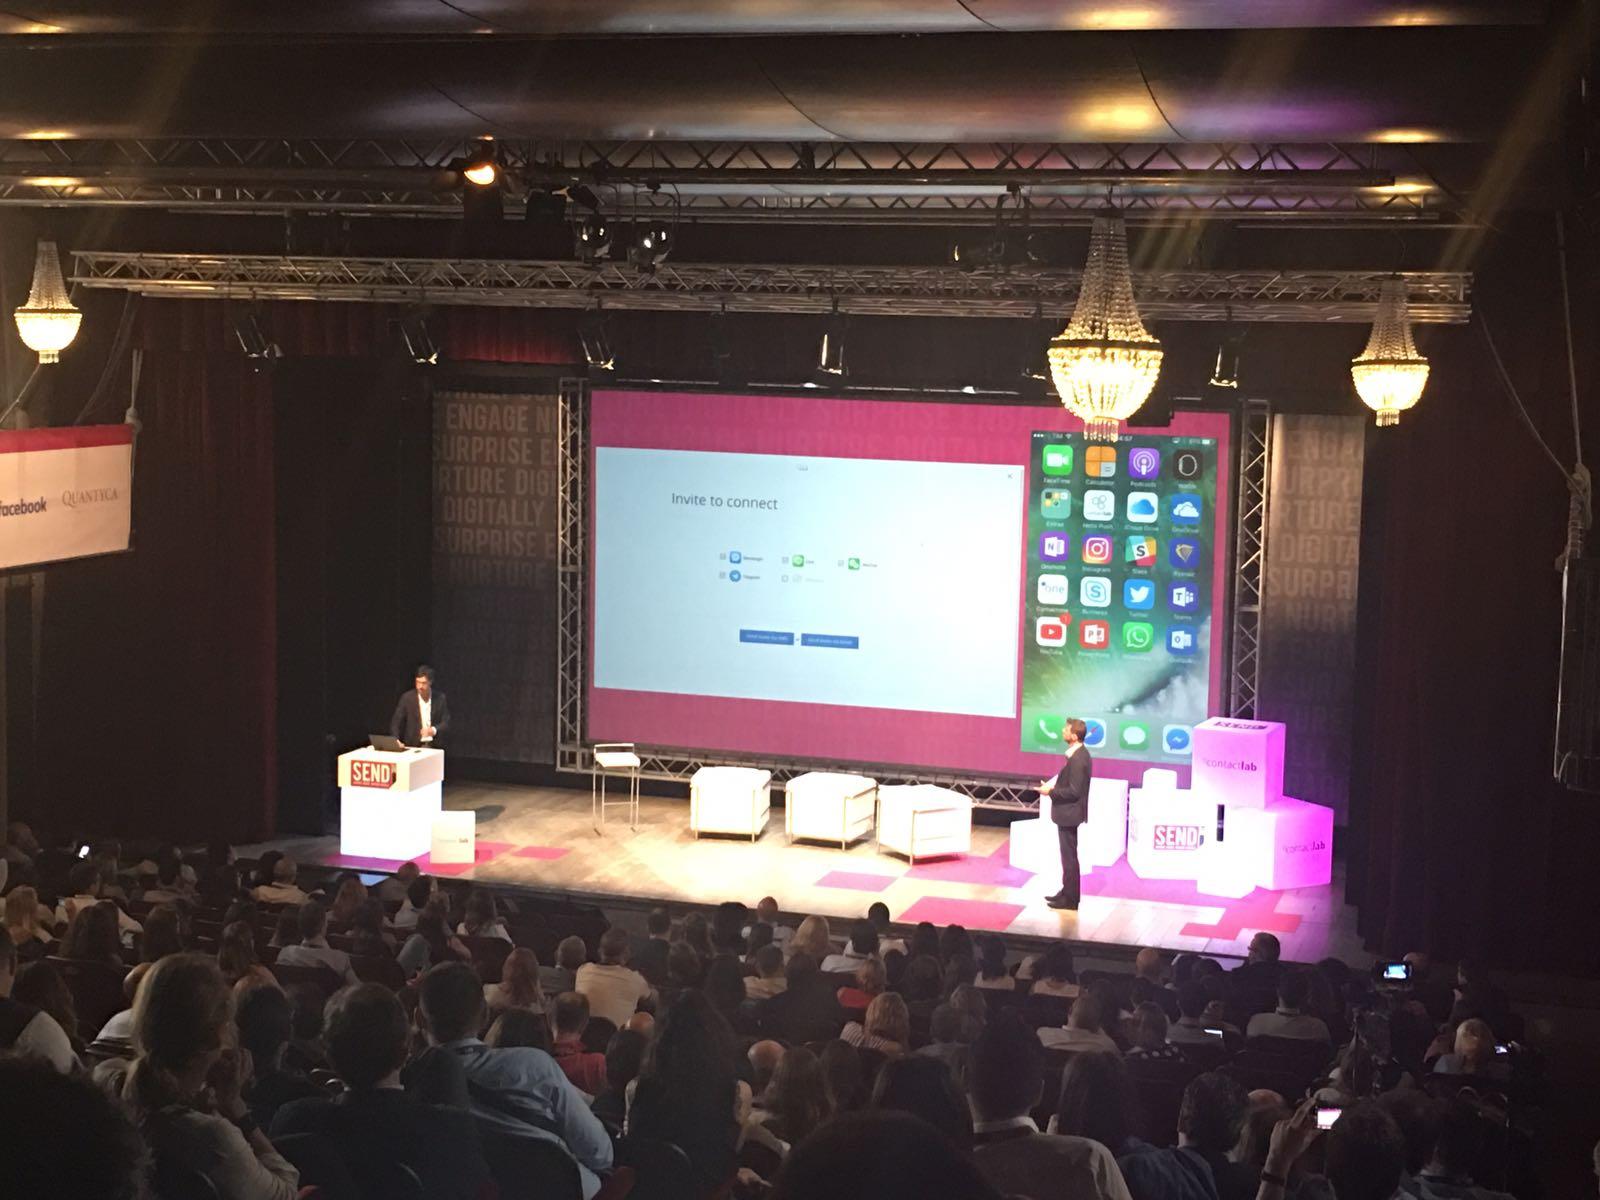 Adesso la demo live di Contactone! In diretta da #SENDSummit17: la nuova soluzione di clienteling by Contactlab https://t.co/IPDEIrC275